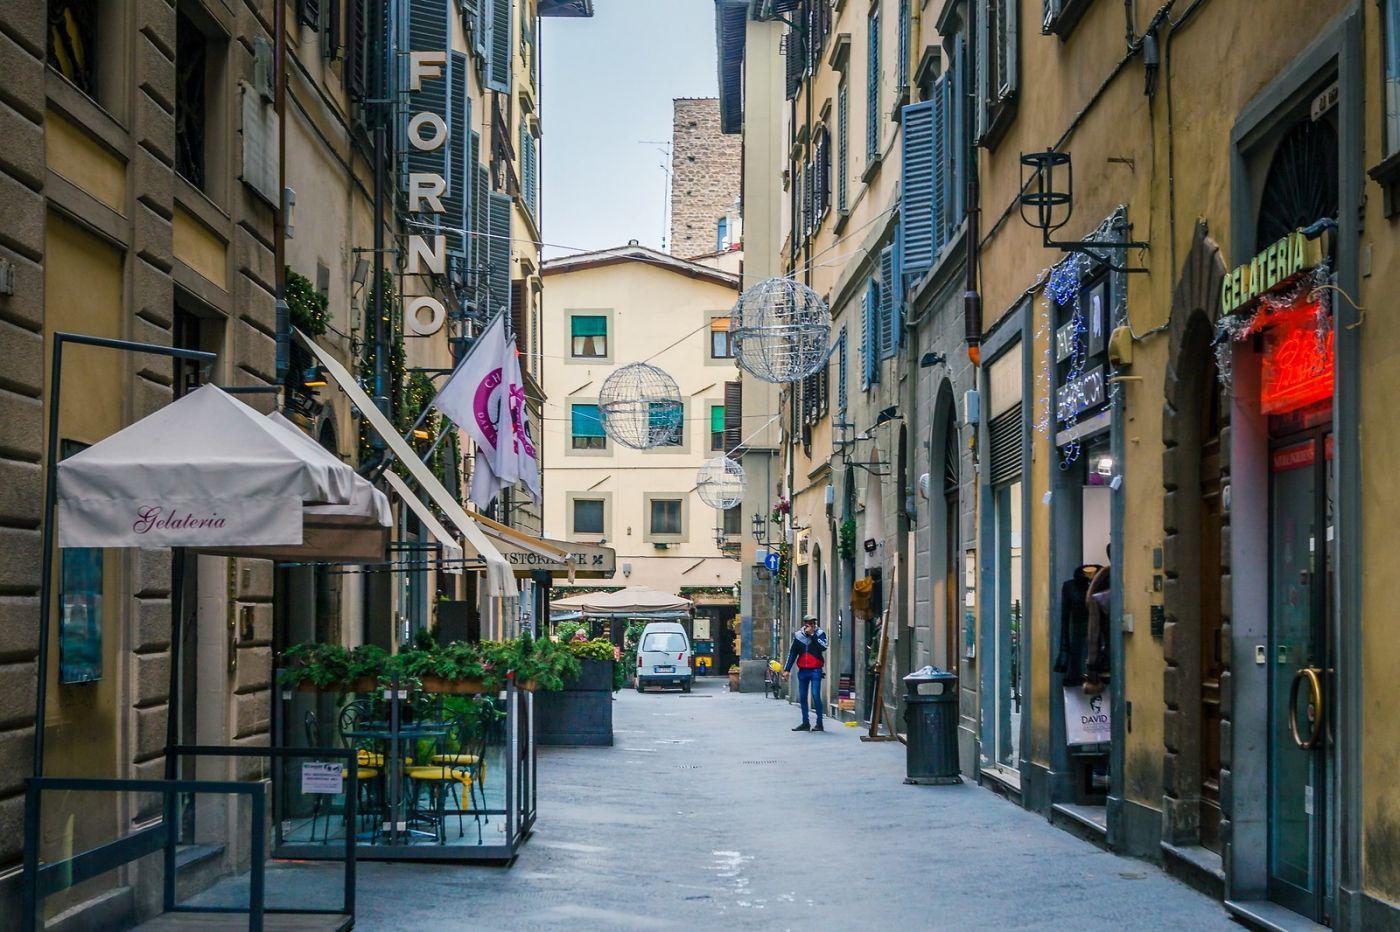 意大利佛罗伦萨(Florence),小街文化_图1-27